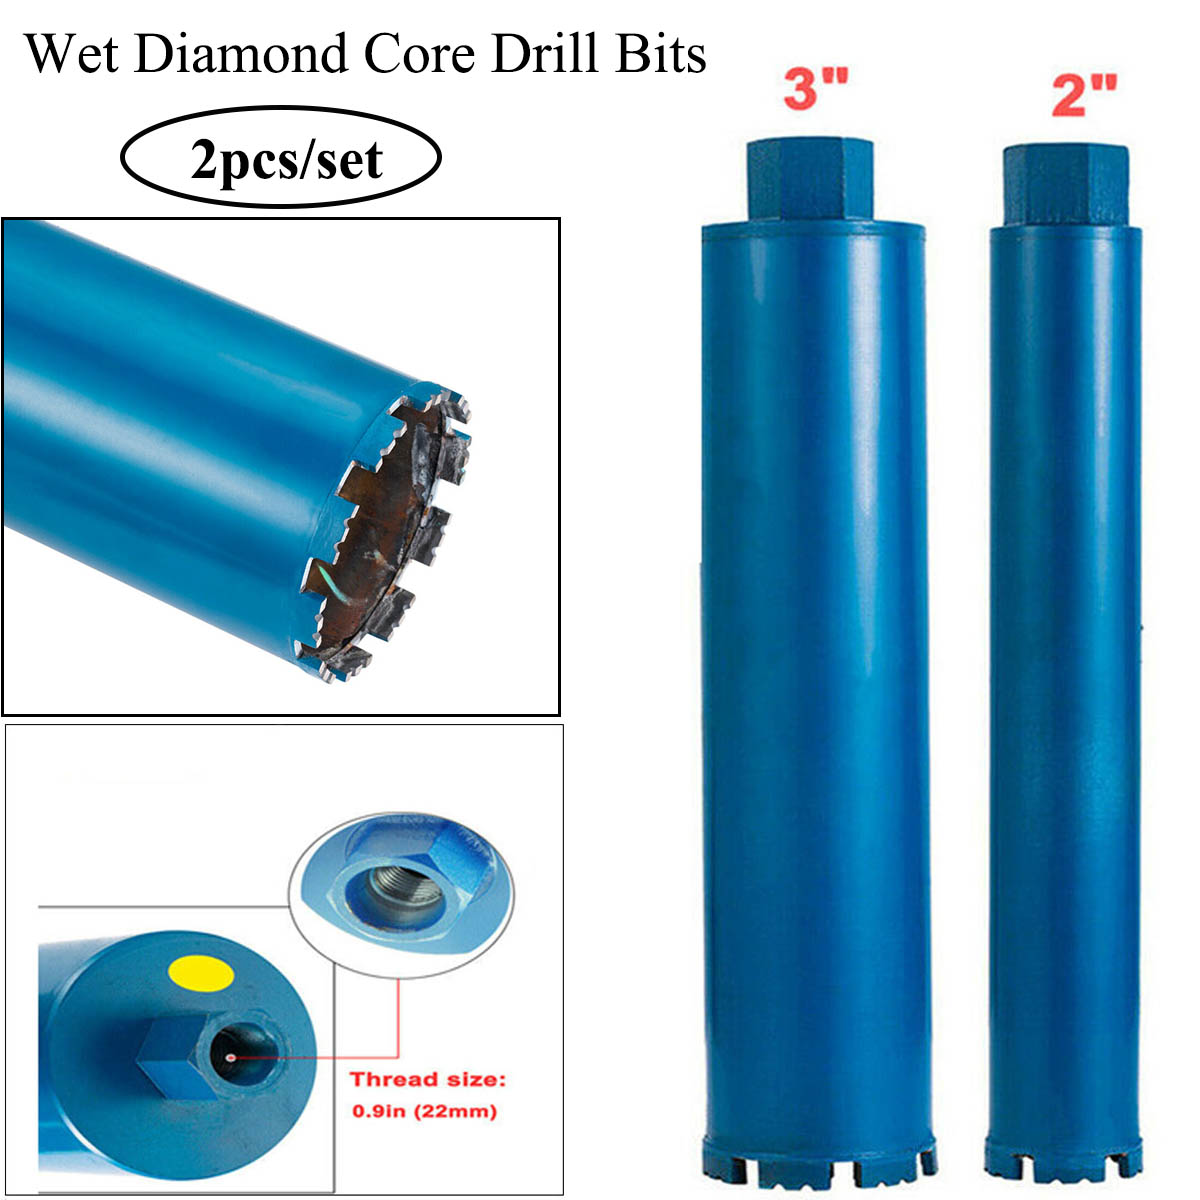 Diamond Core Drill Bits Wet 4 Reinforced concrete cured concrete asphalt